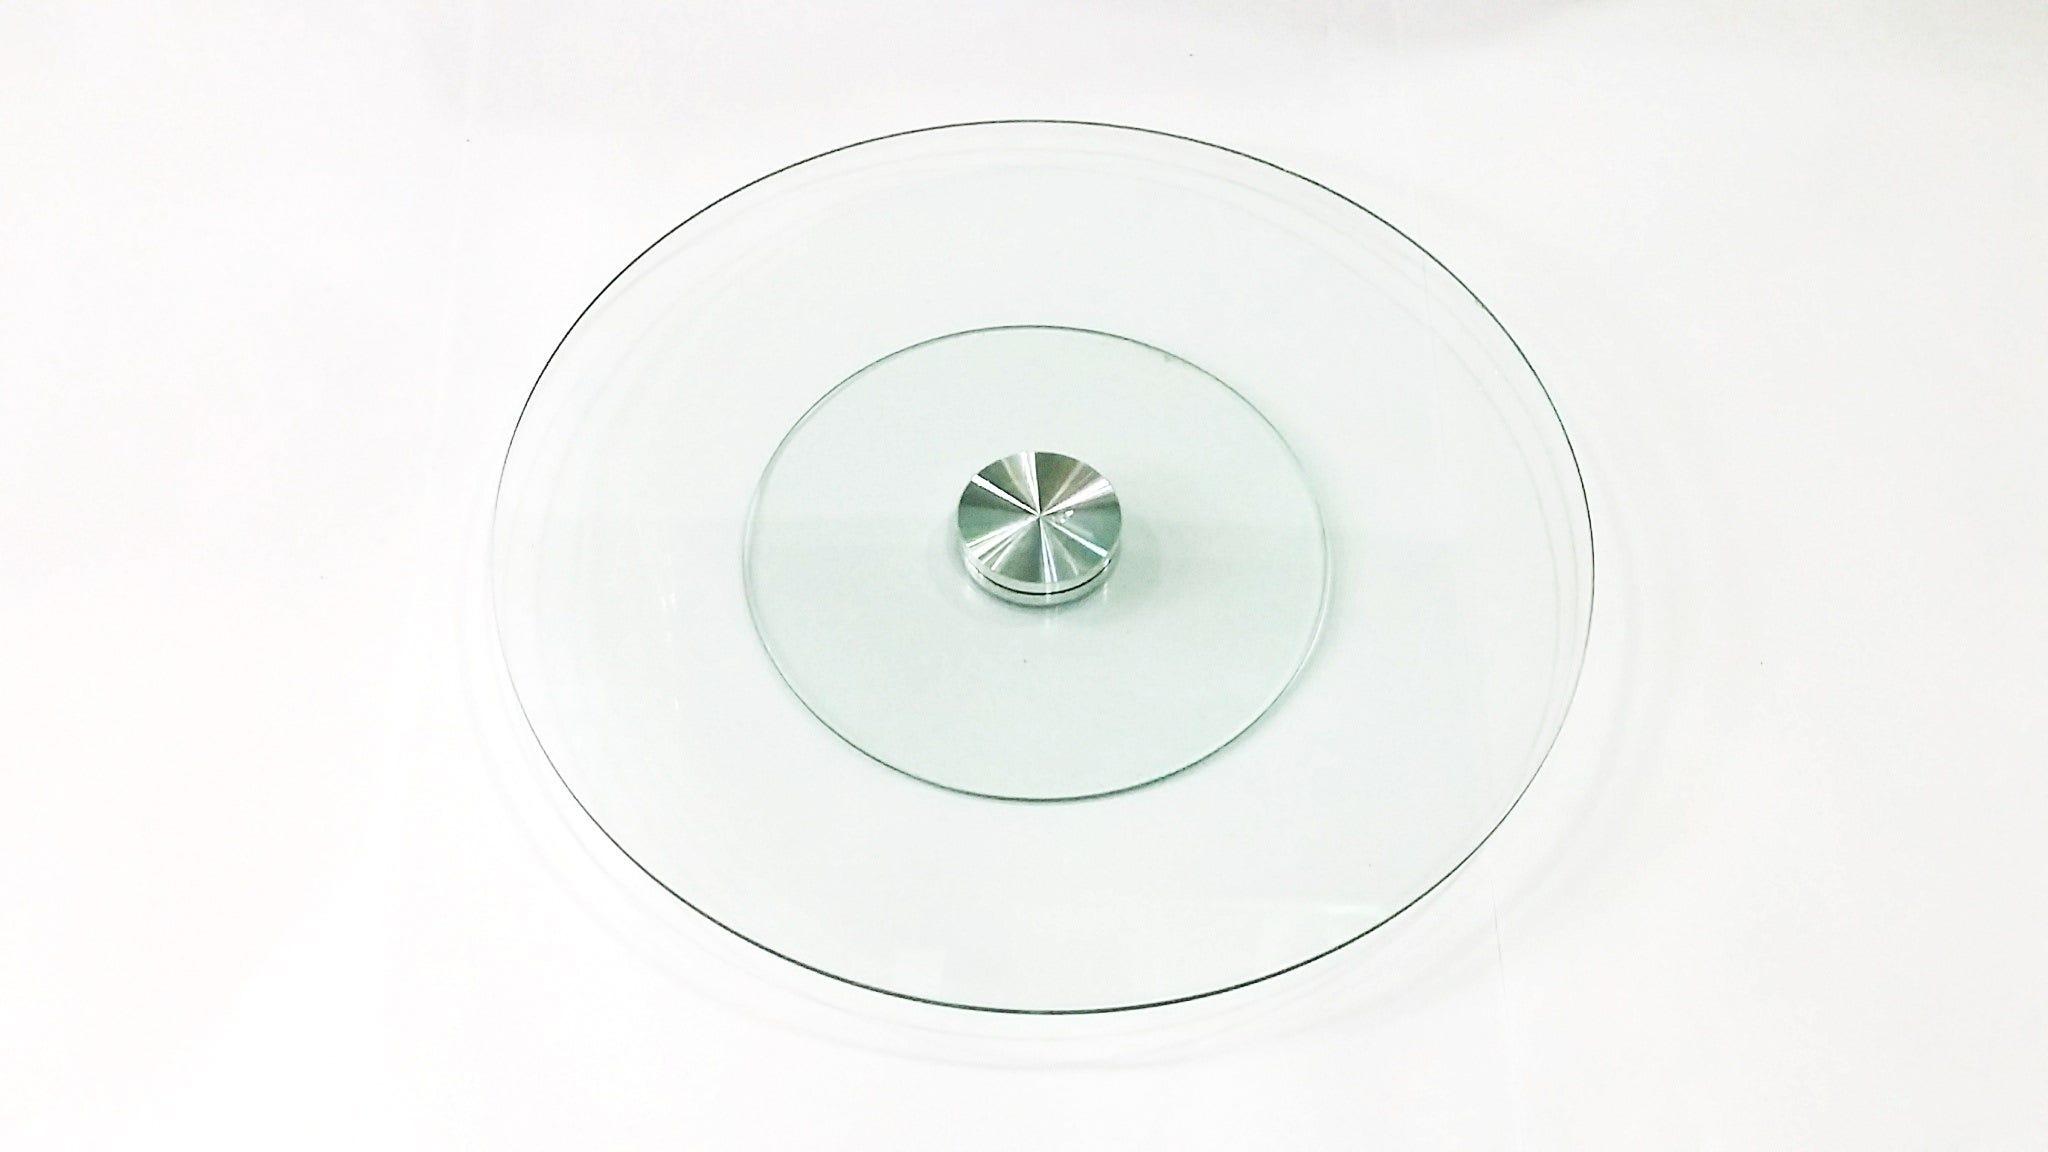 Base giratoria de vidrio Reimart de 39.87 cm